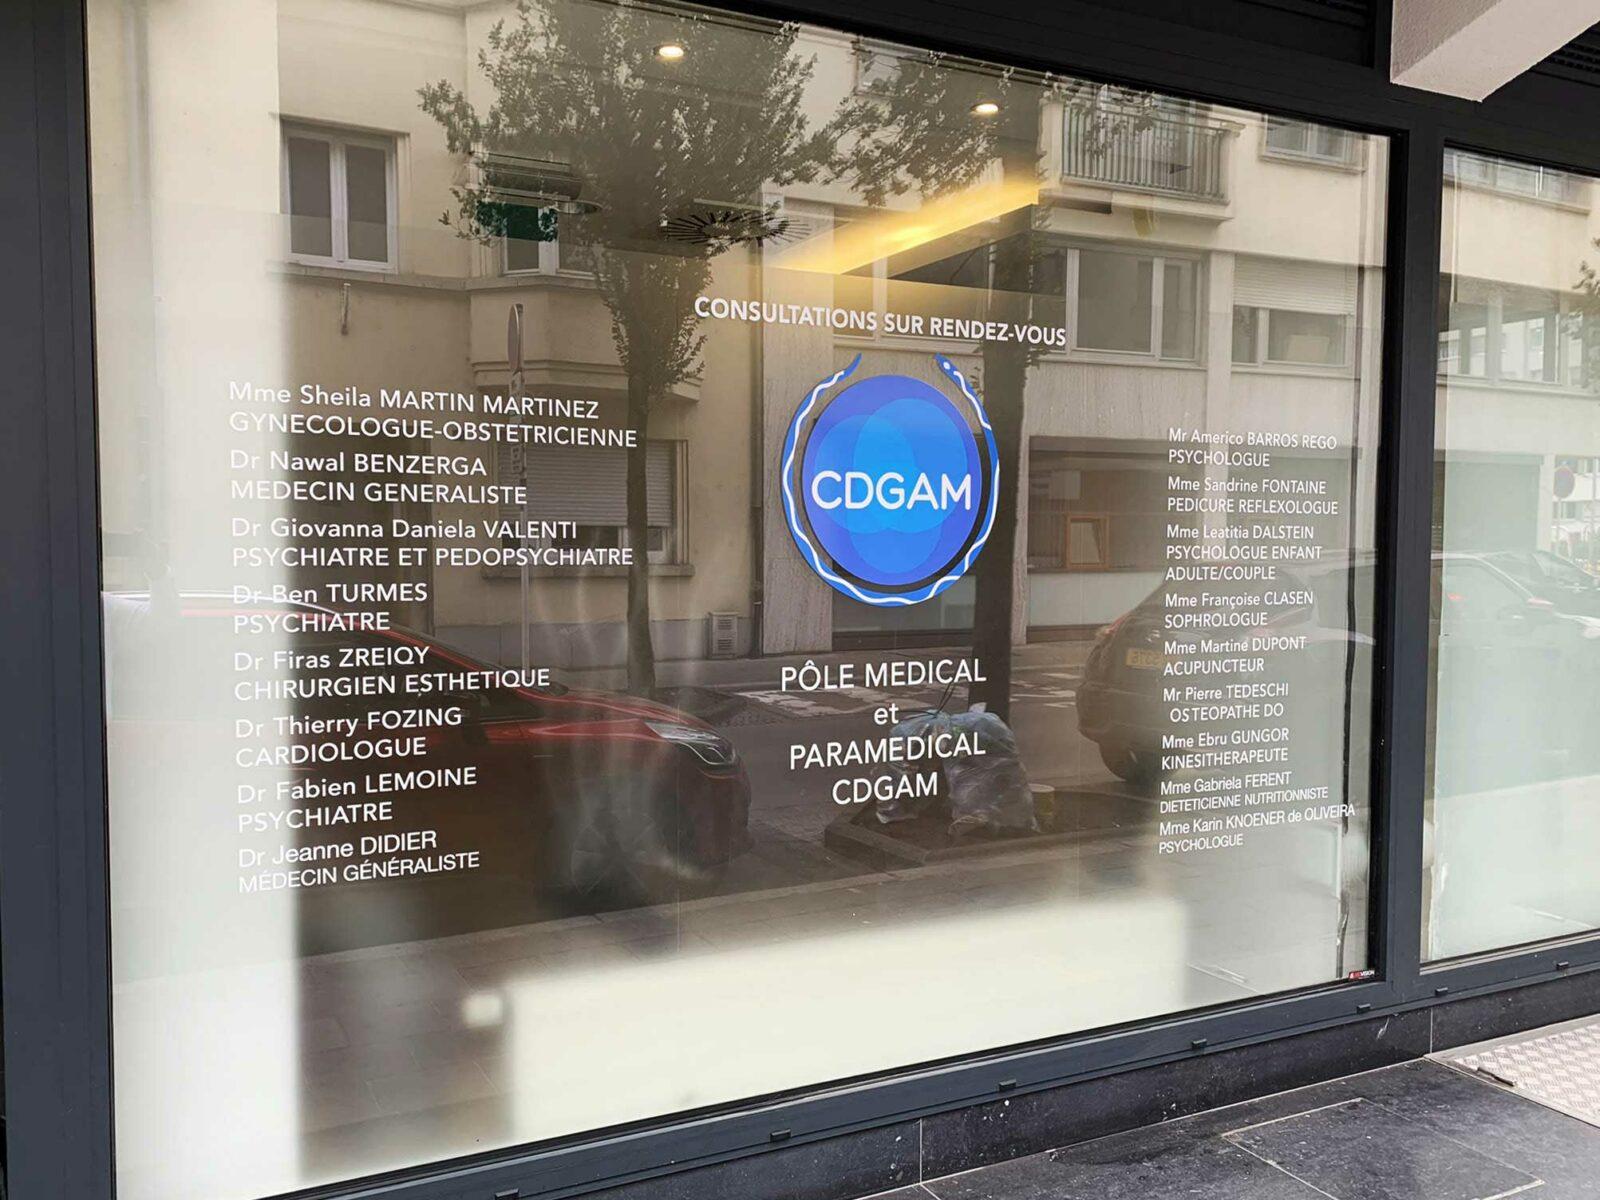 CDGAM | Centre de Gestion des Affaires Médicales